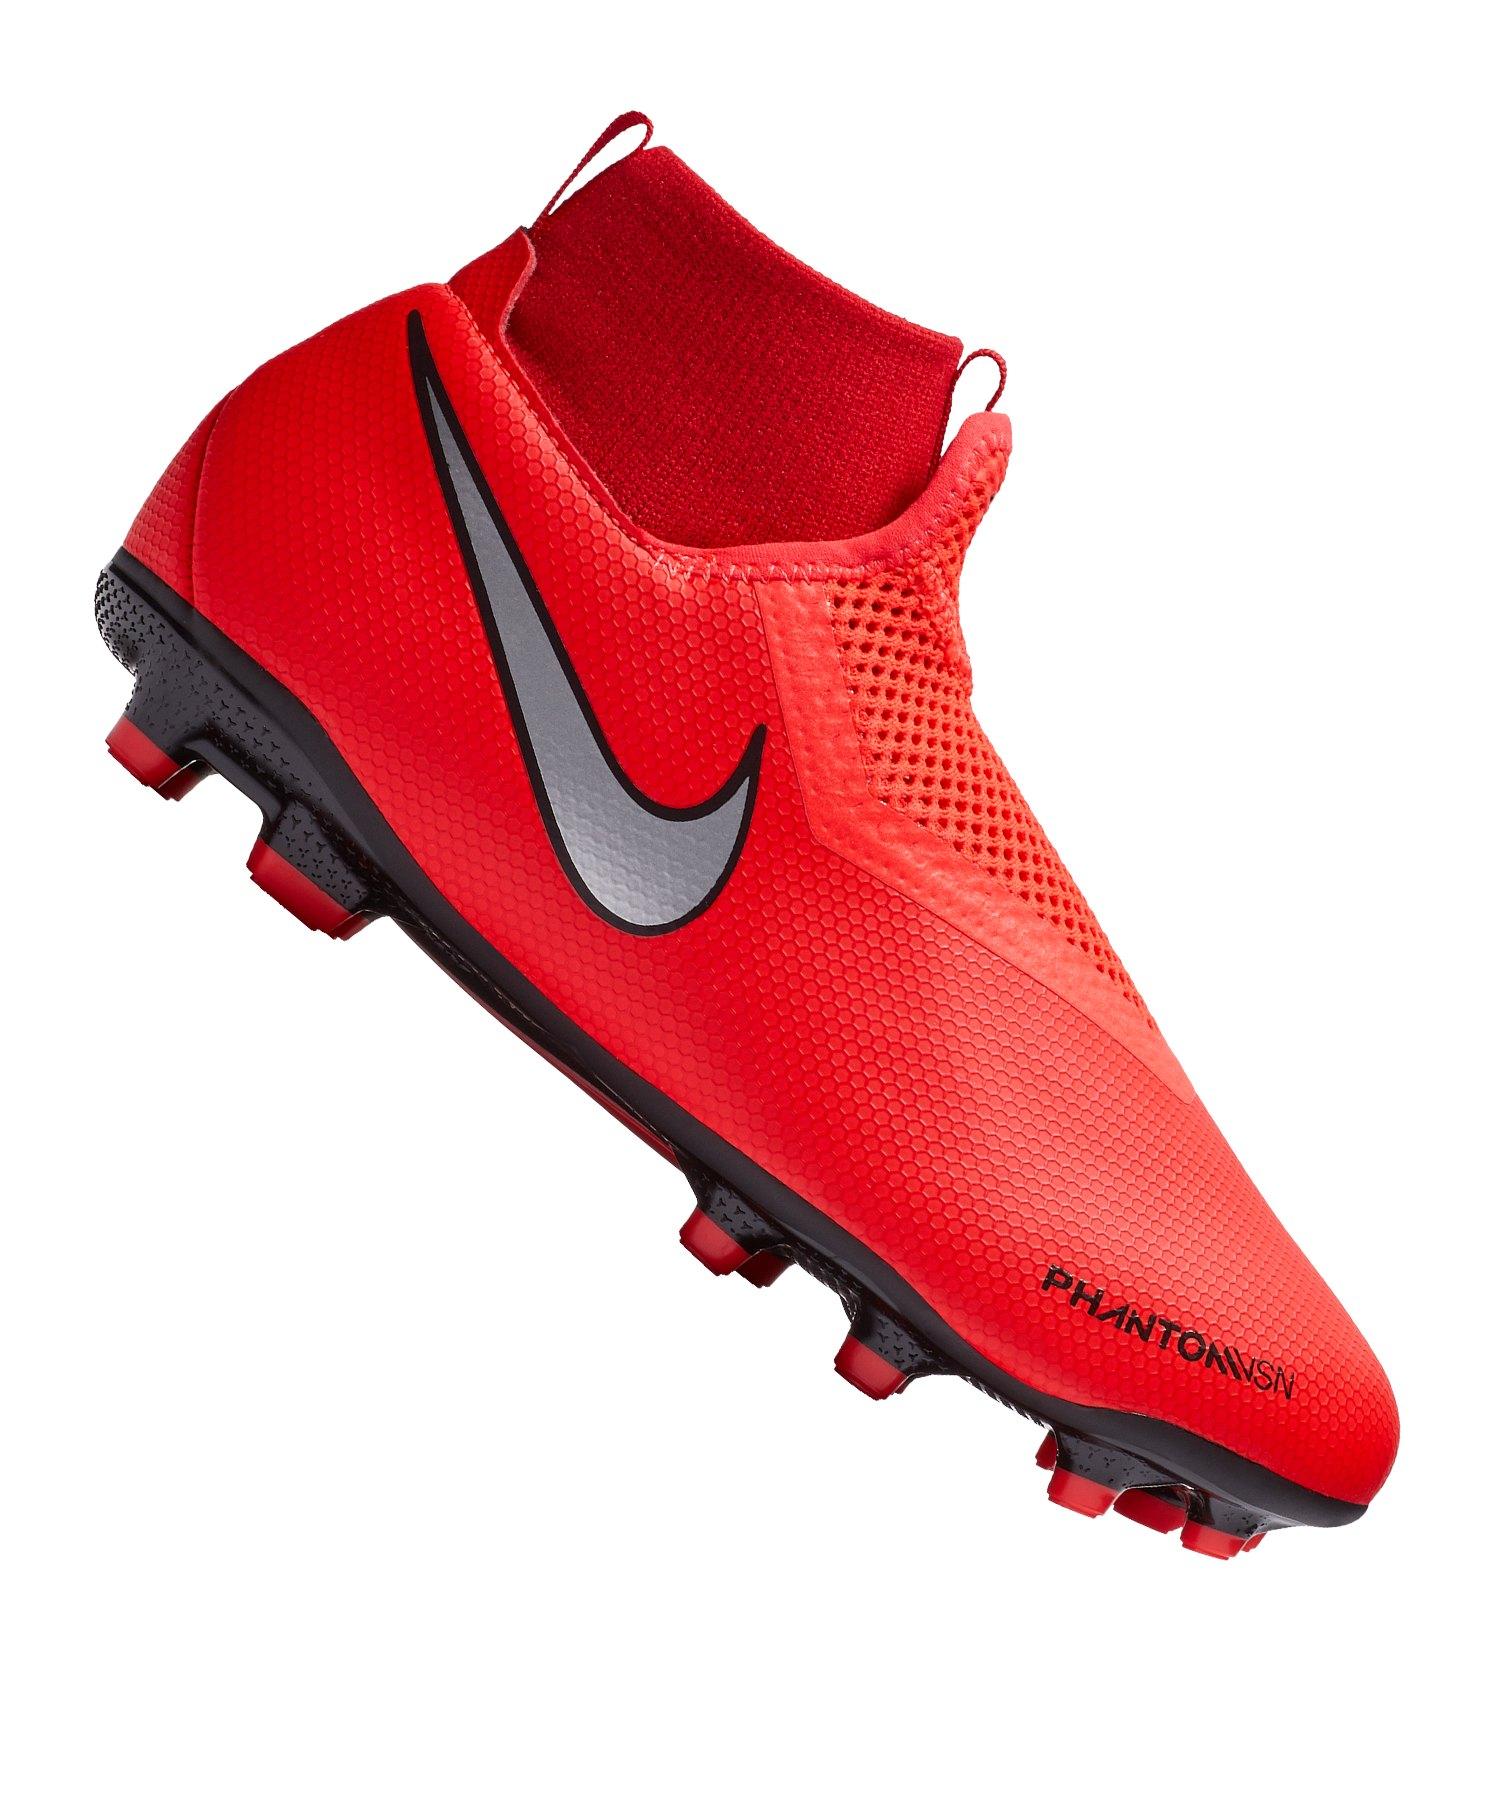 Nike Jr Phantom Vision Academy DF MG Kids F600 - rot